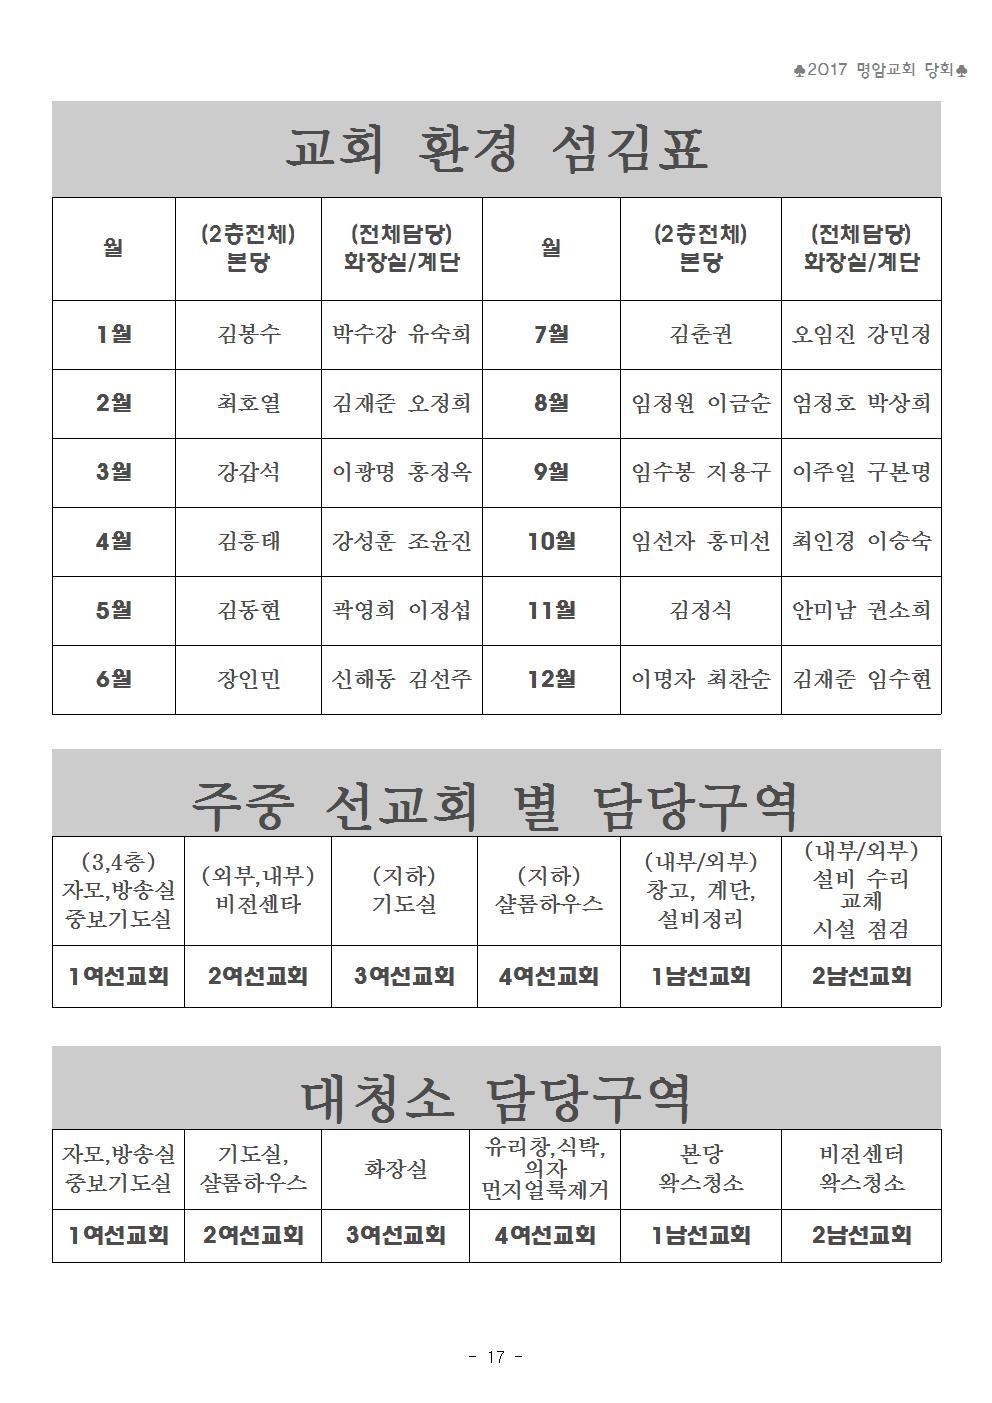 2017년 당회자료 최종작업본017.jpg